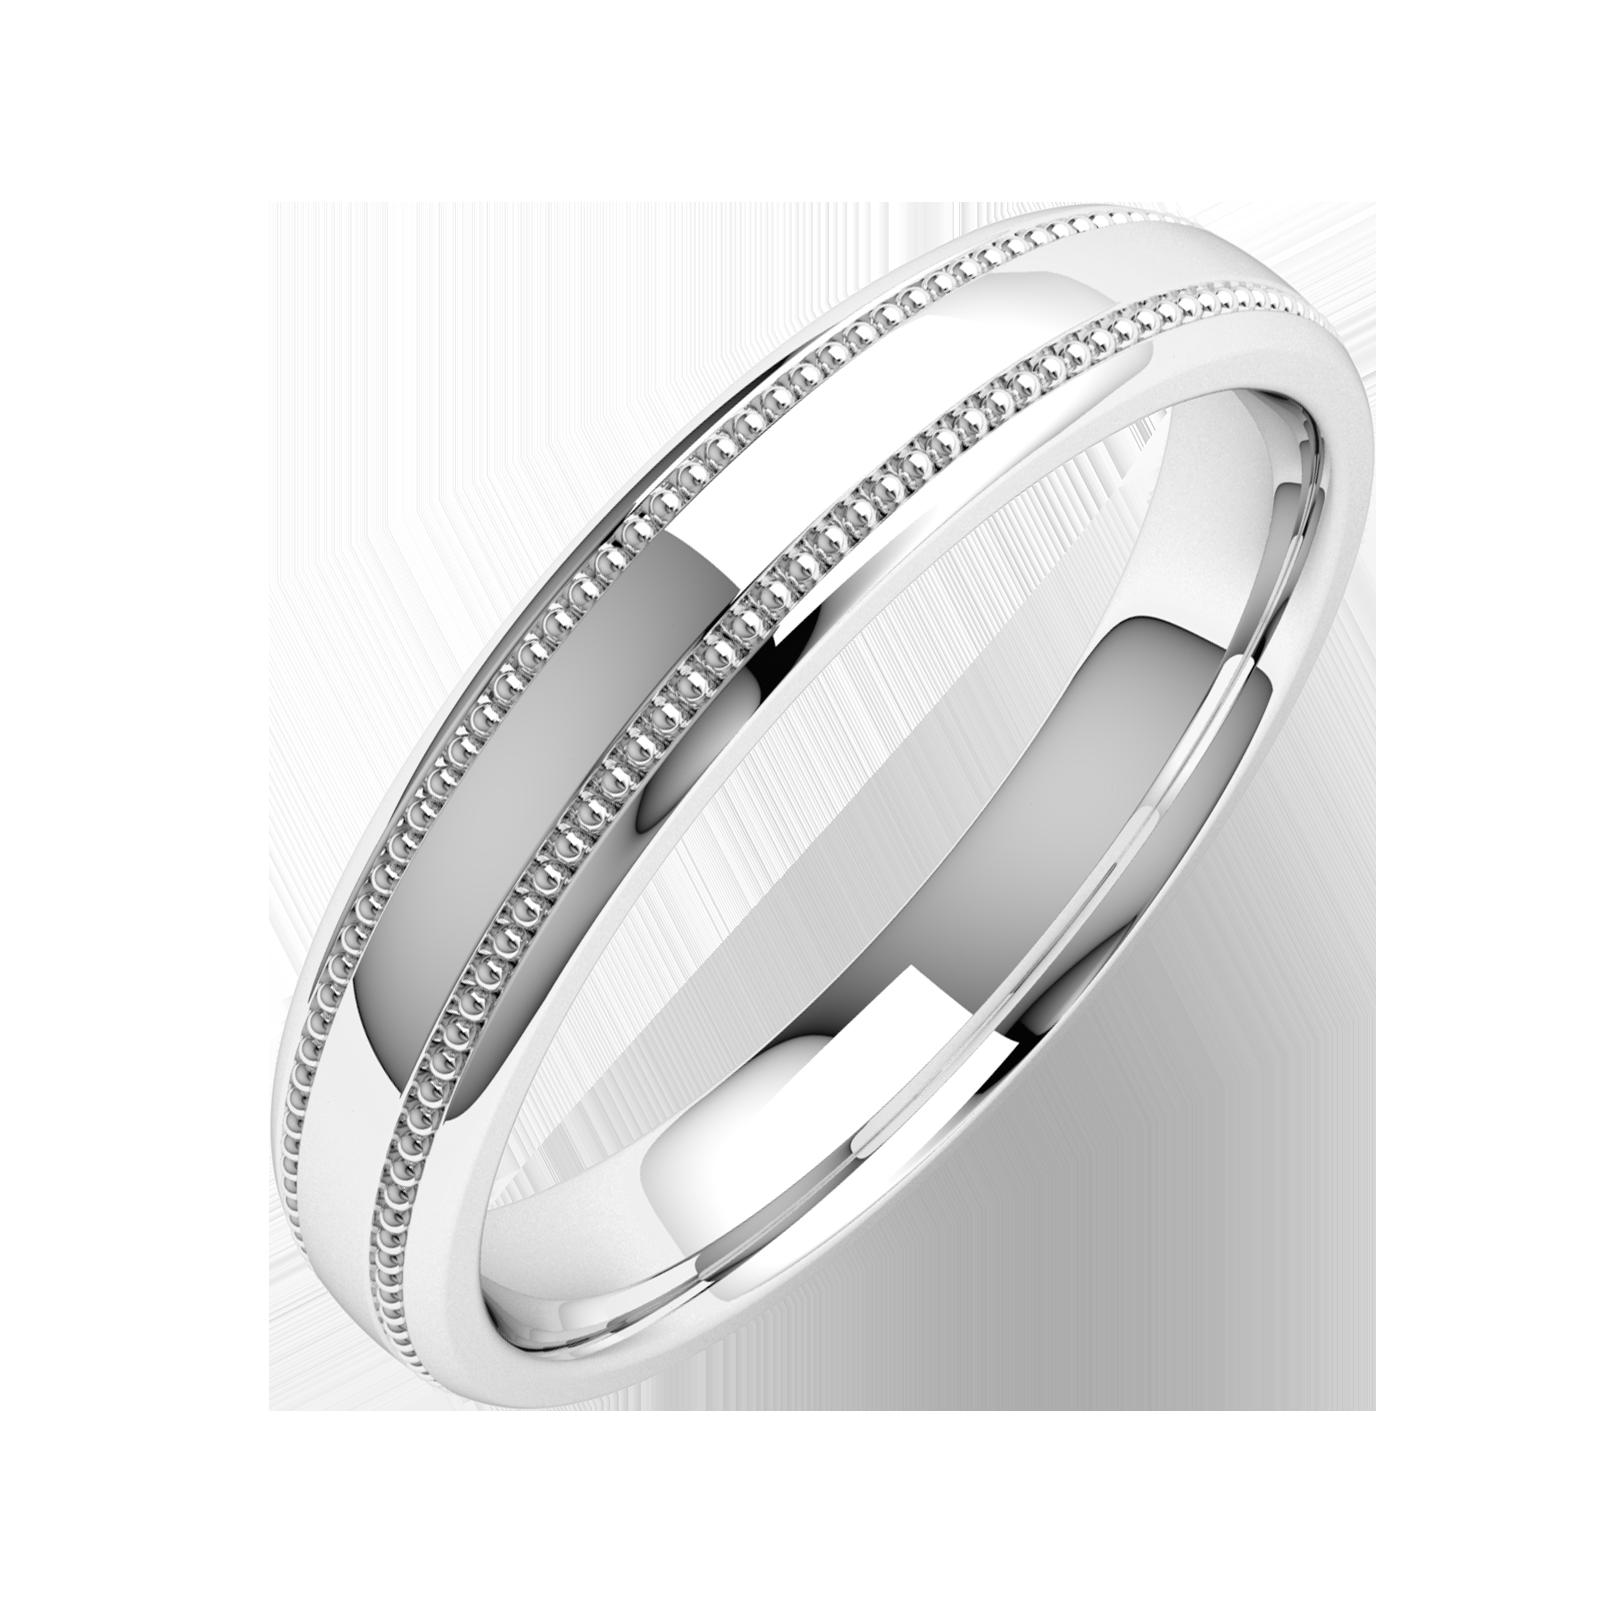 Einfacher Ehering für Dame in Palladium mit Milgrain Design, Schwergewicht, poliertes/gebürstetes Finish-img1